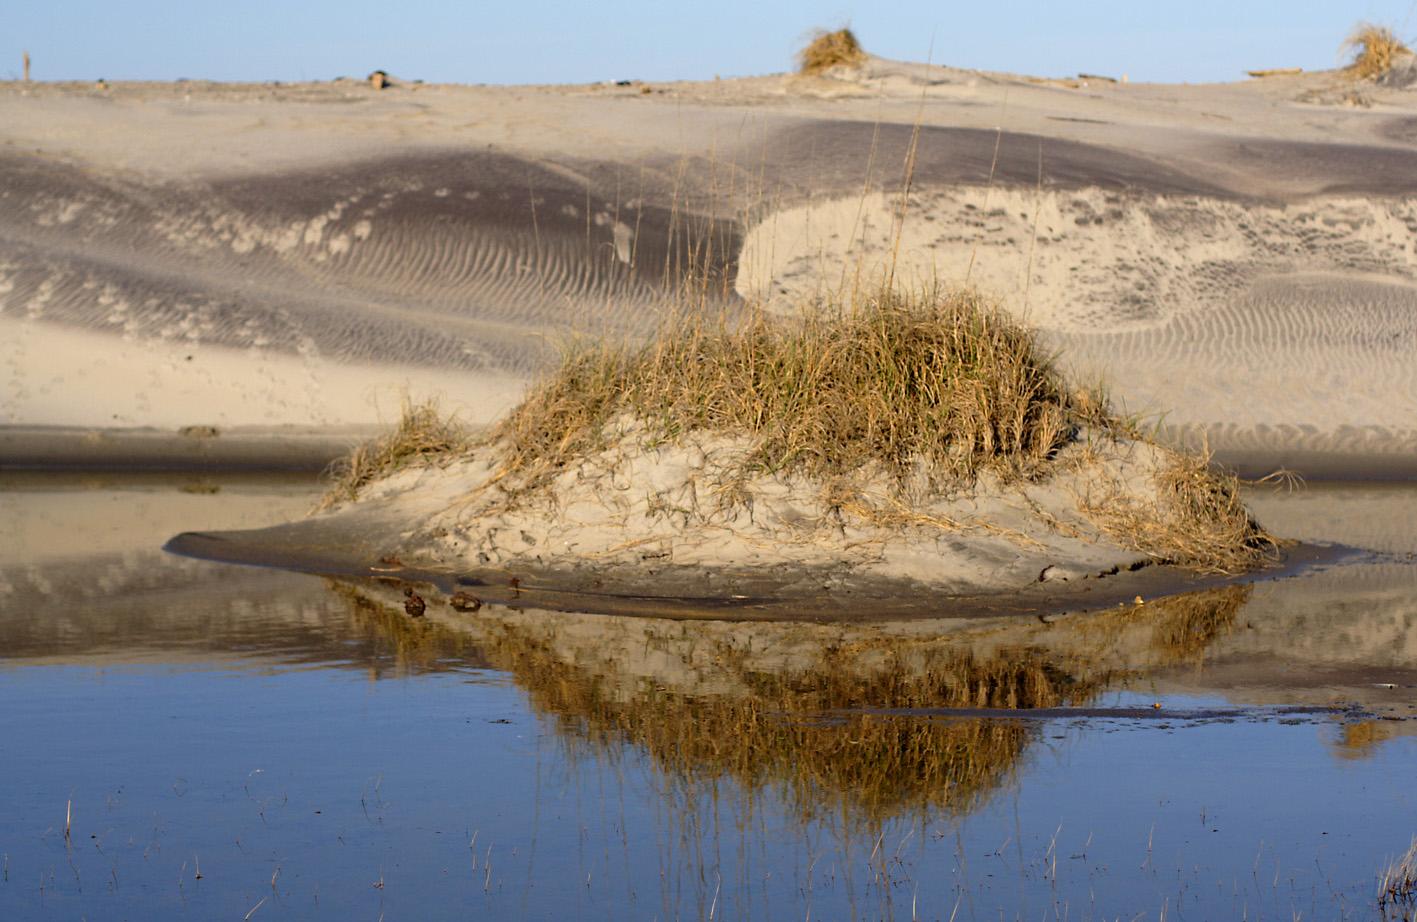 watery dune